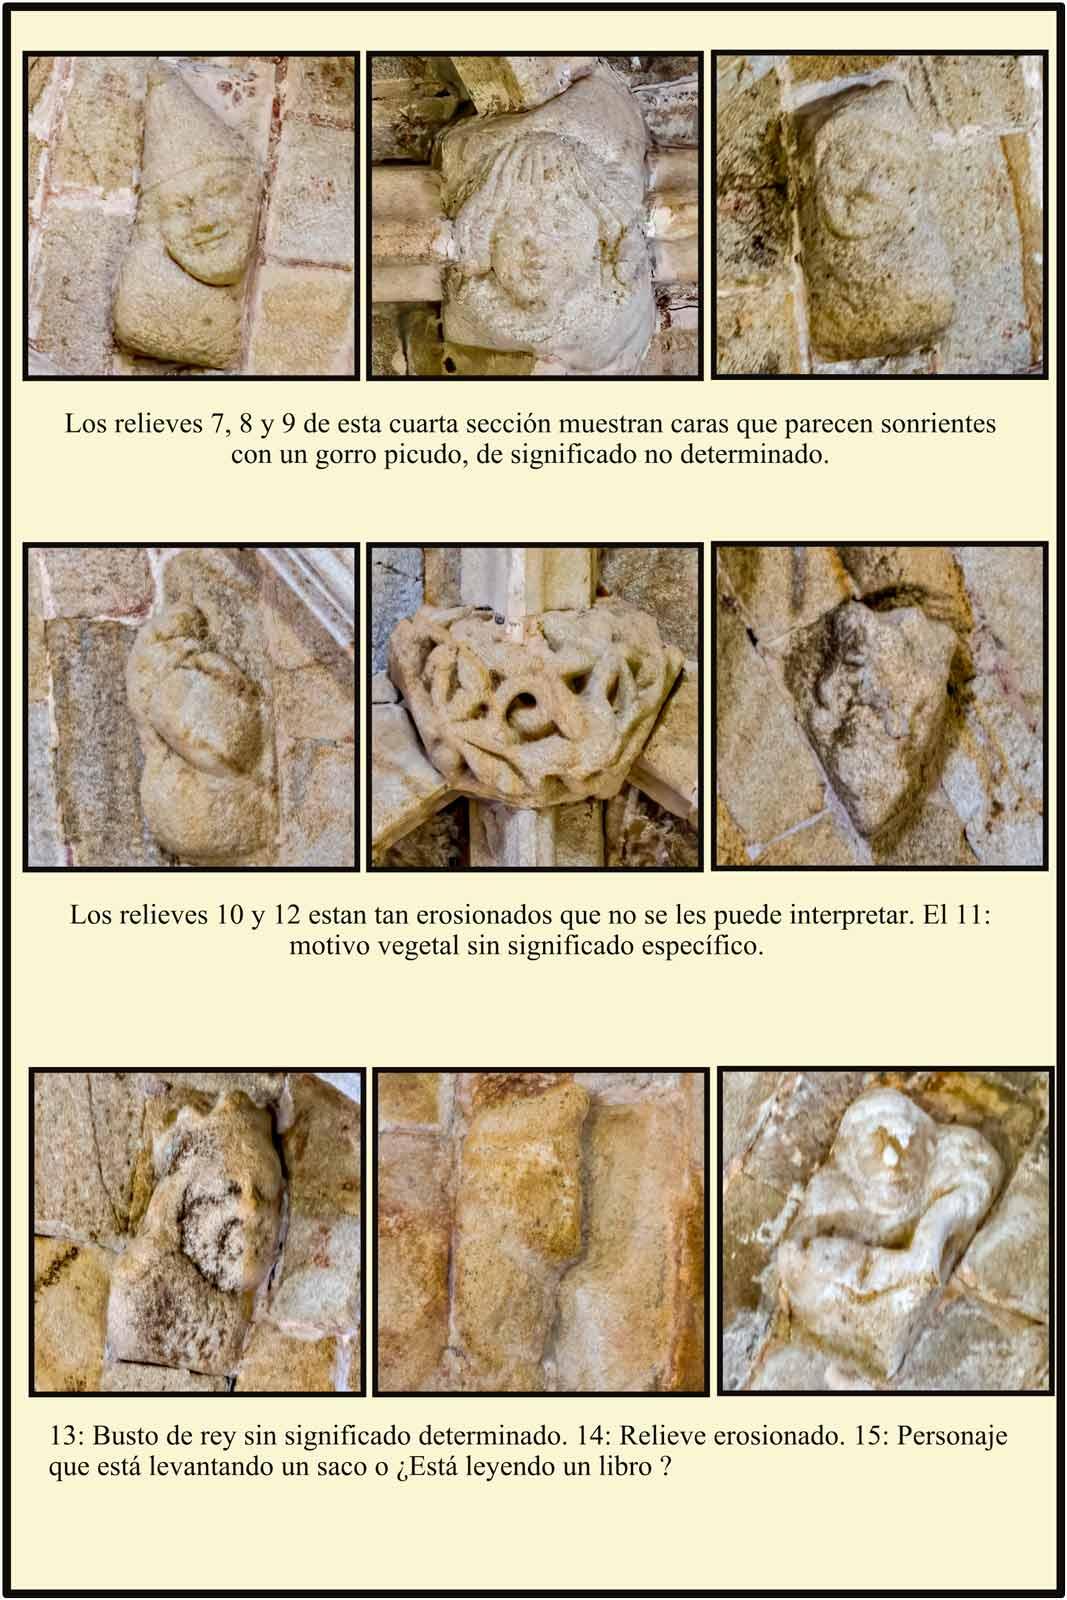 Caras con gorros picudos sonrientes y otros símbolos en la bovedad de la Catedral de Plassencia